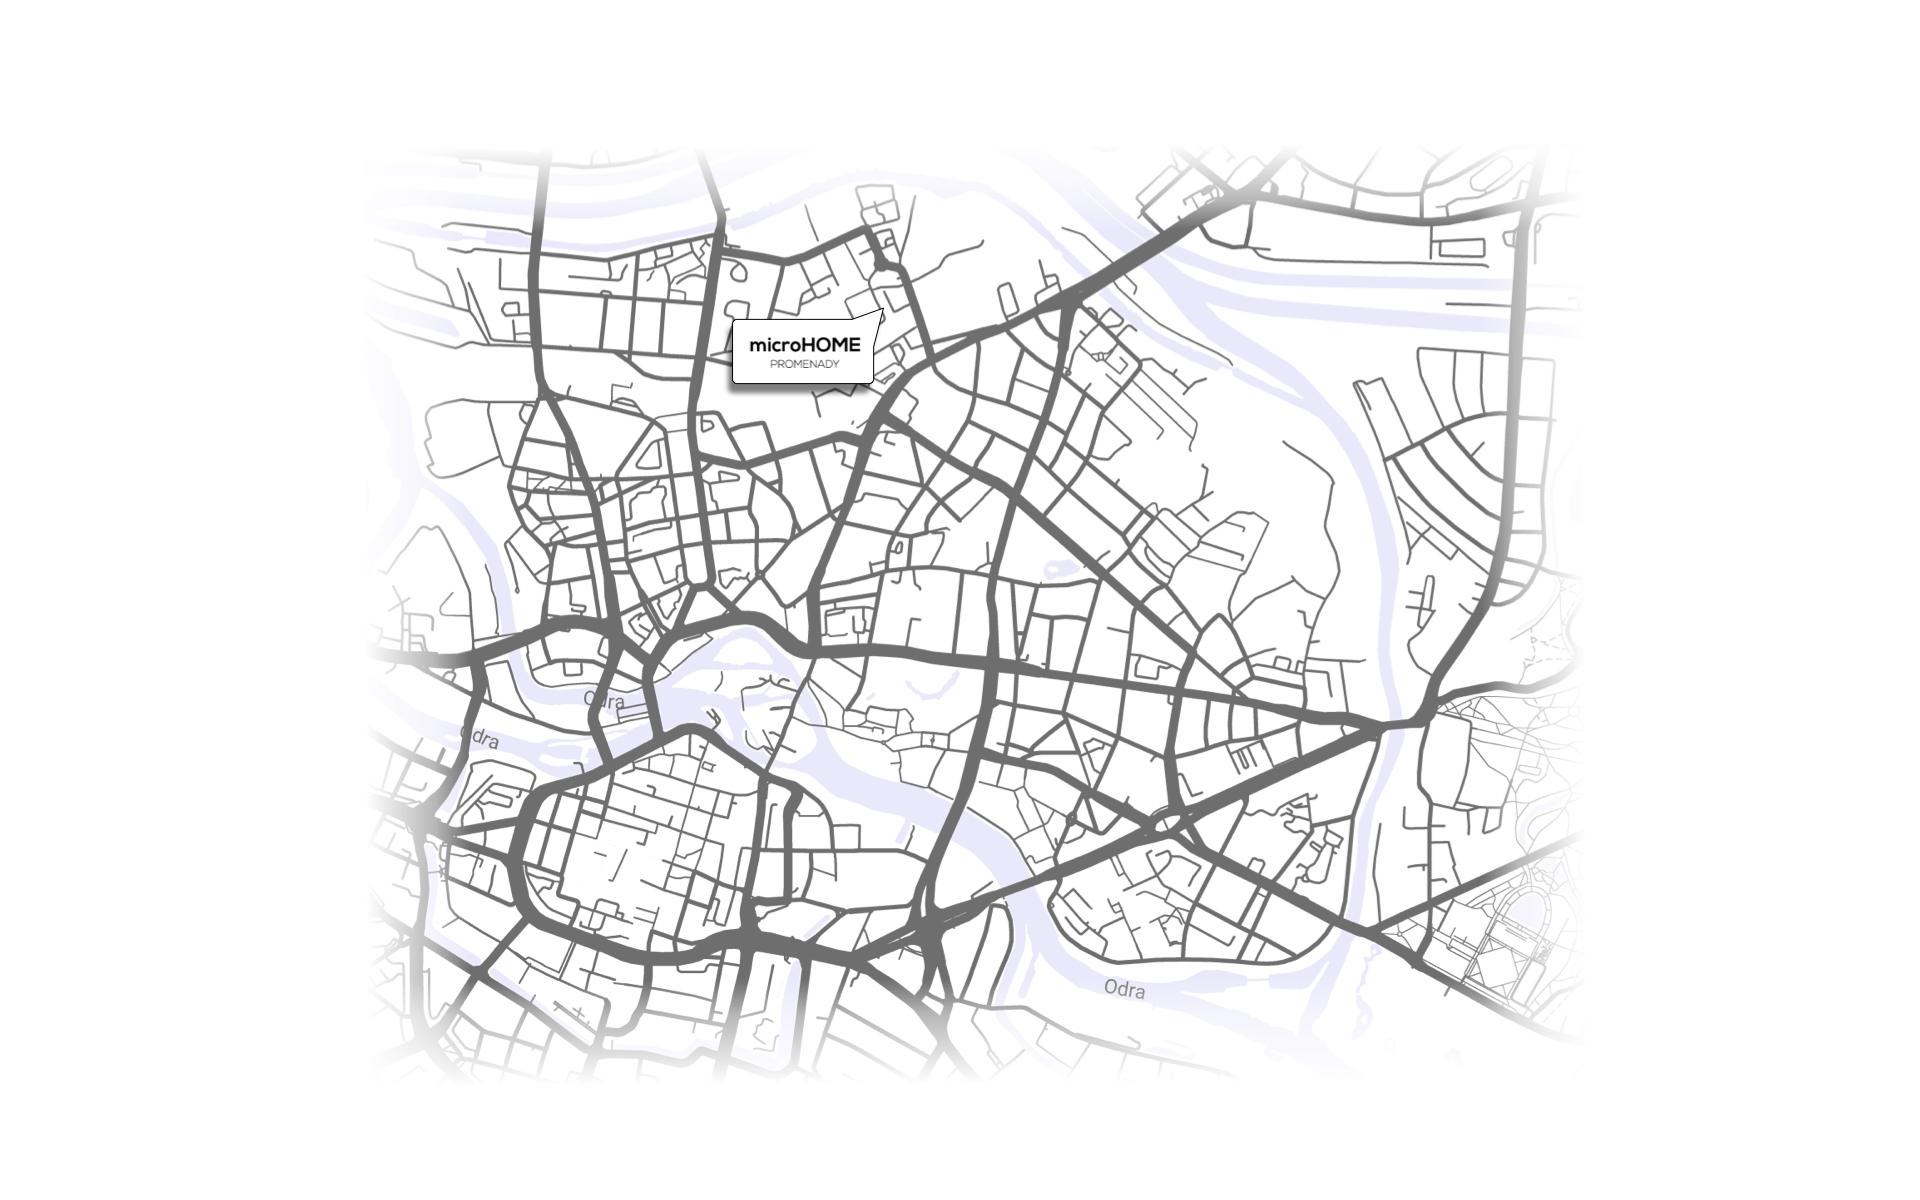 microHOME mikroapartamenty Wrocław Dom Developer mapa